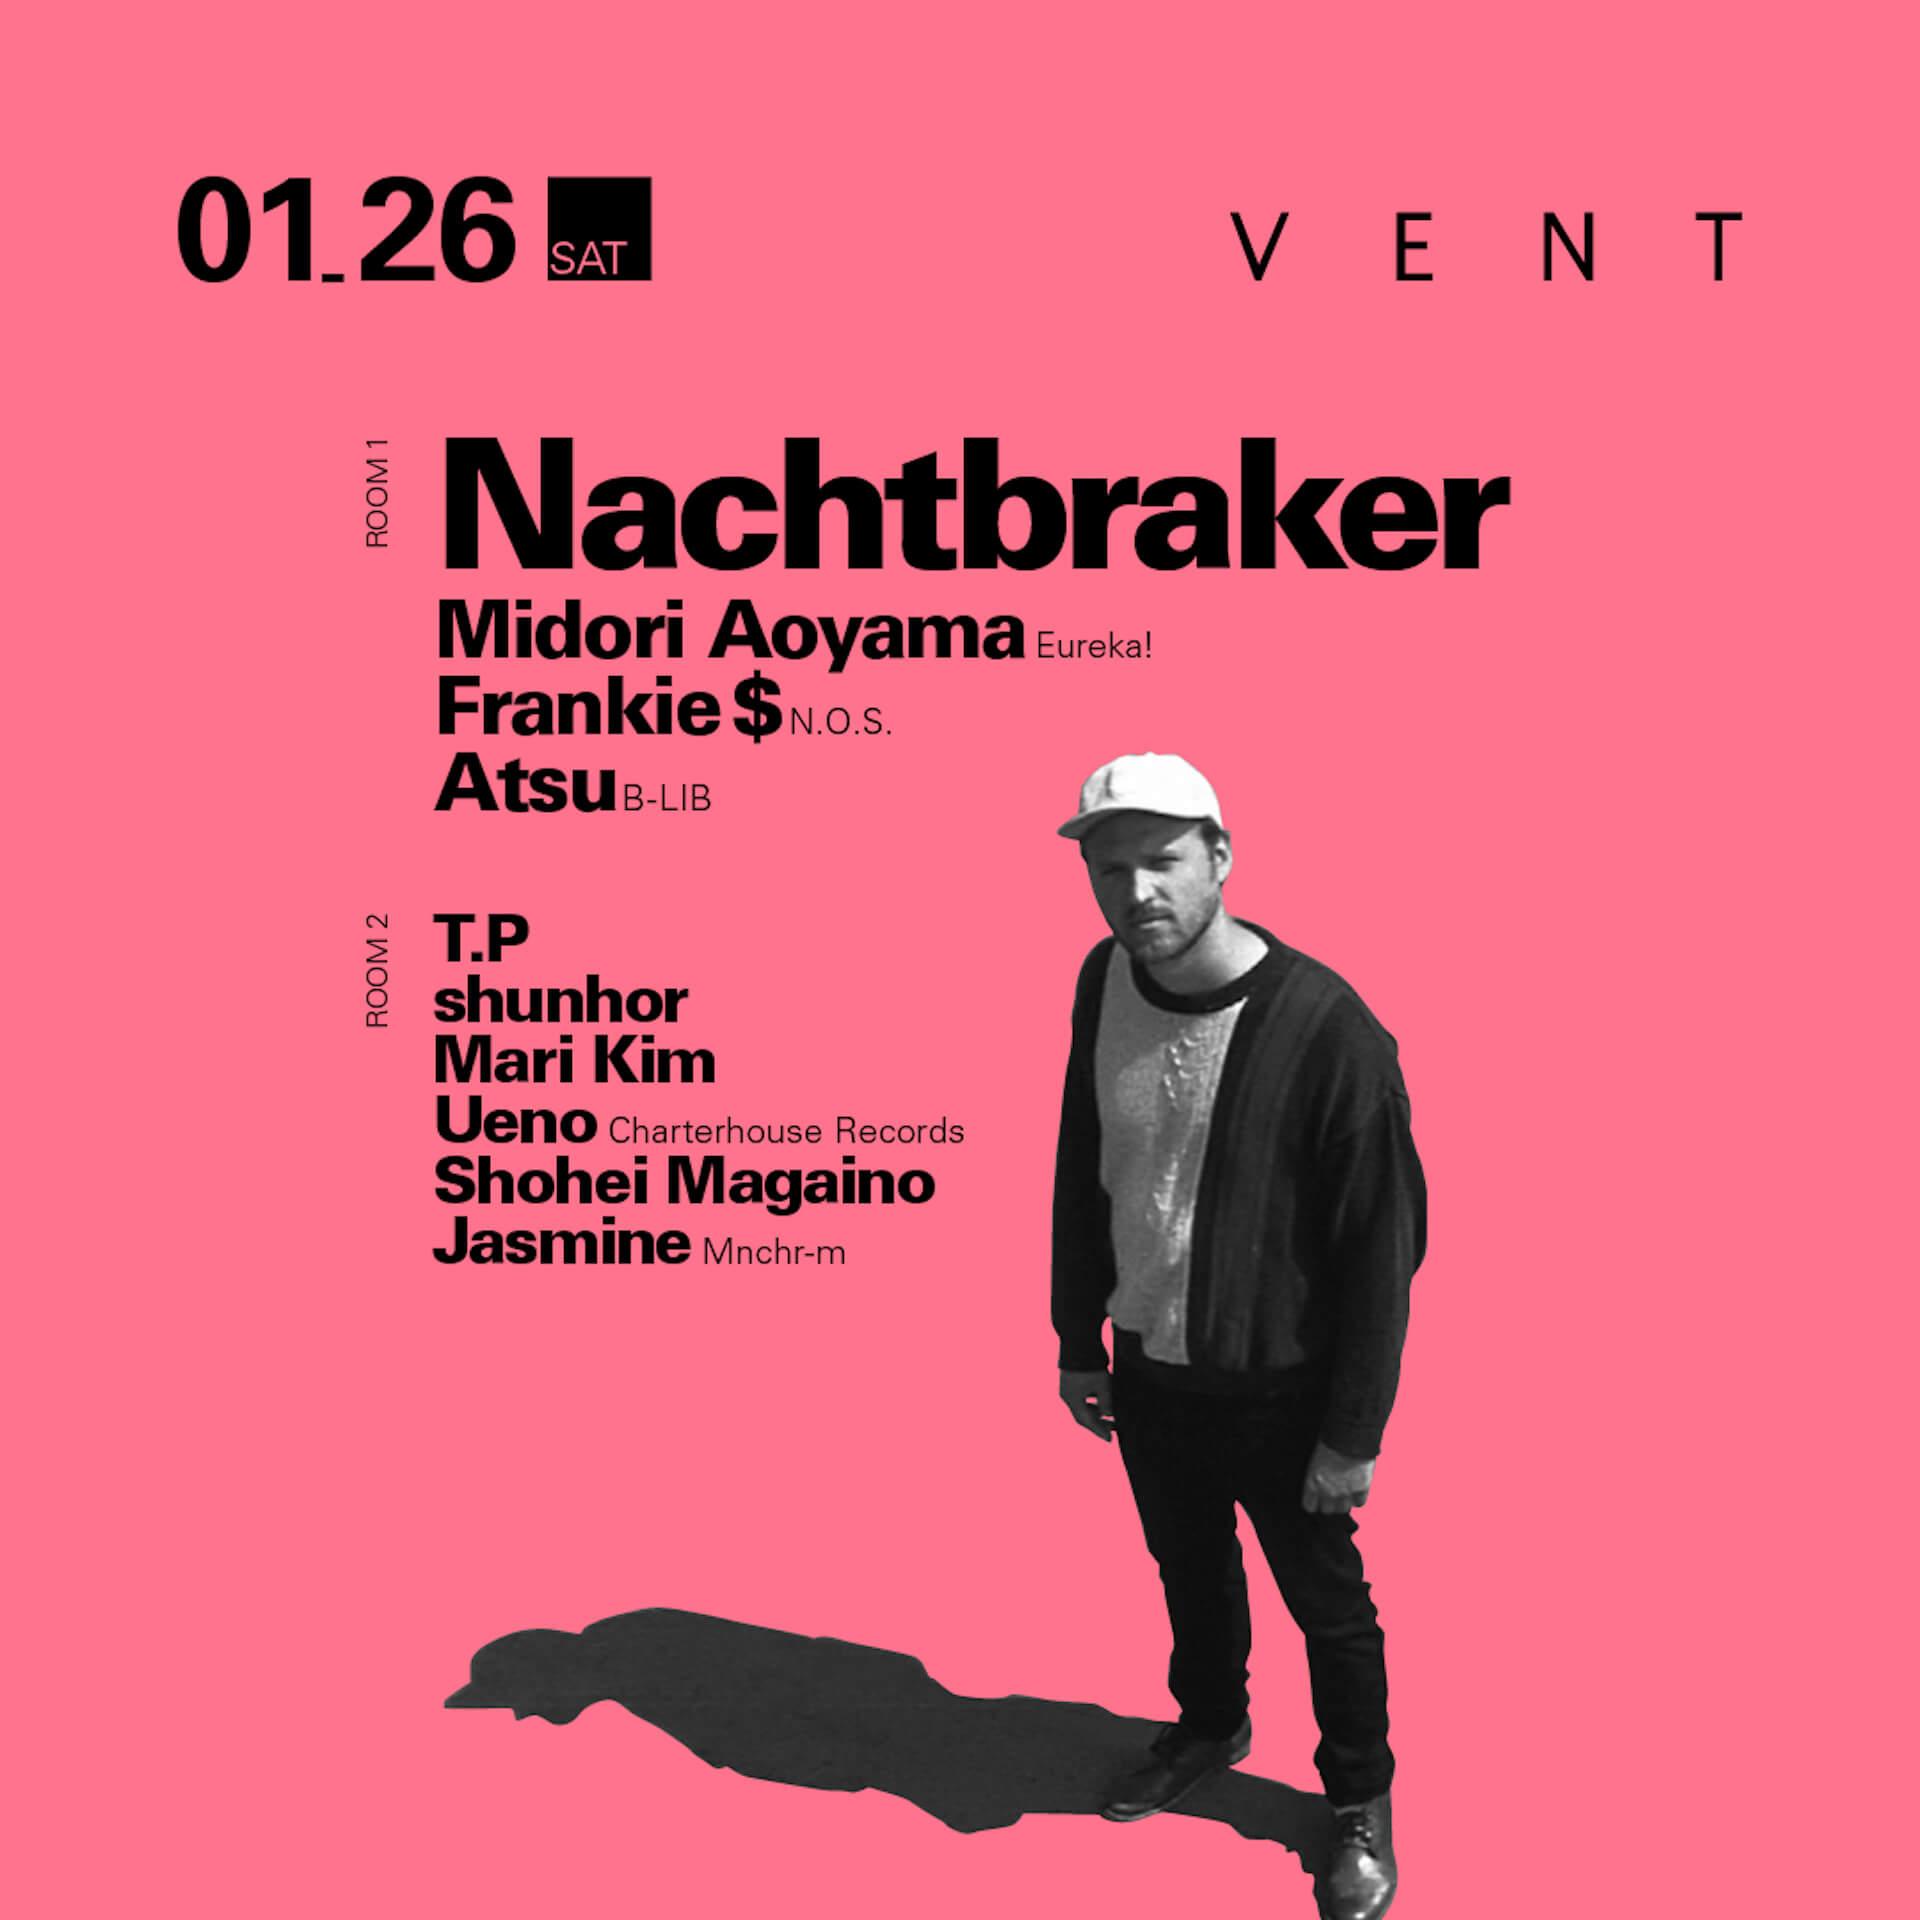 ダンスミュージック都市アムステルダムの新星Nachtbraker、来日直前インタビュー Nachtbraker